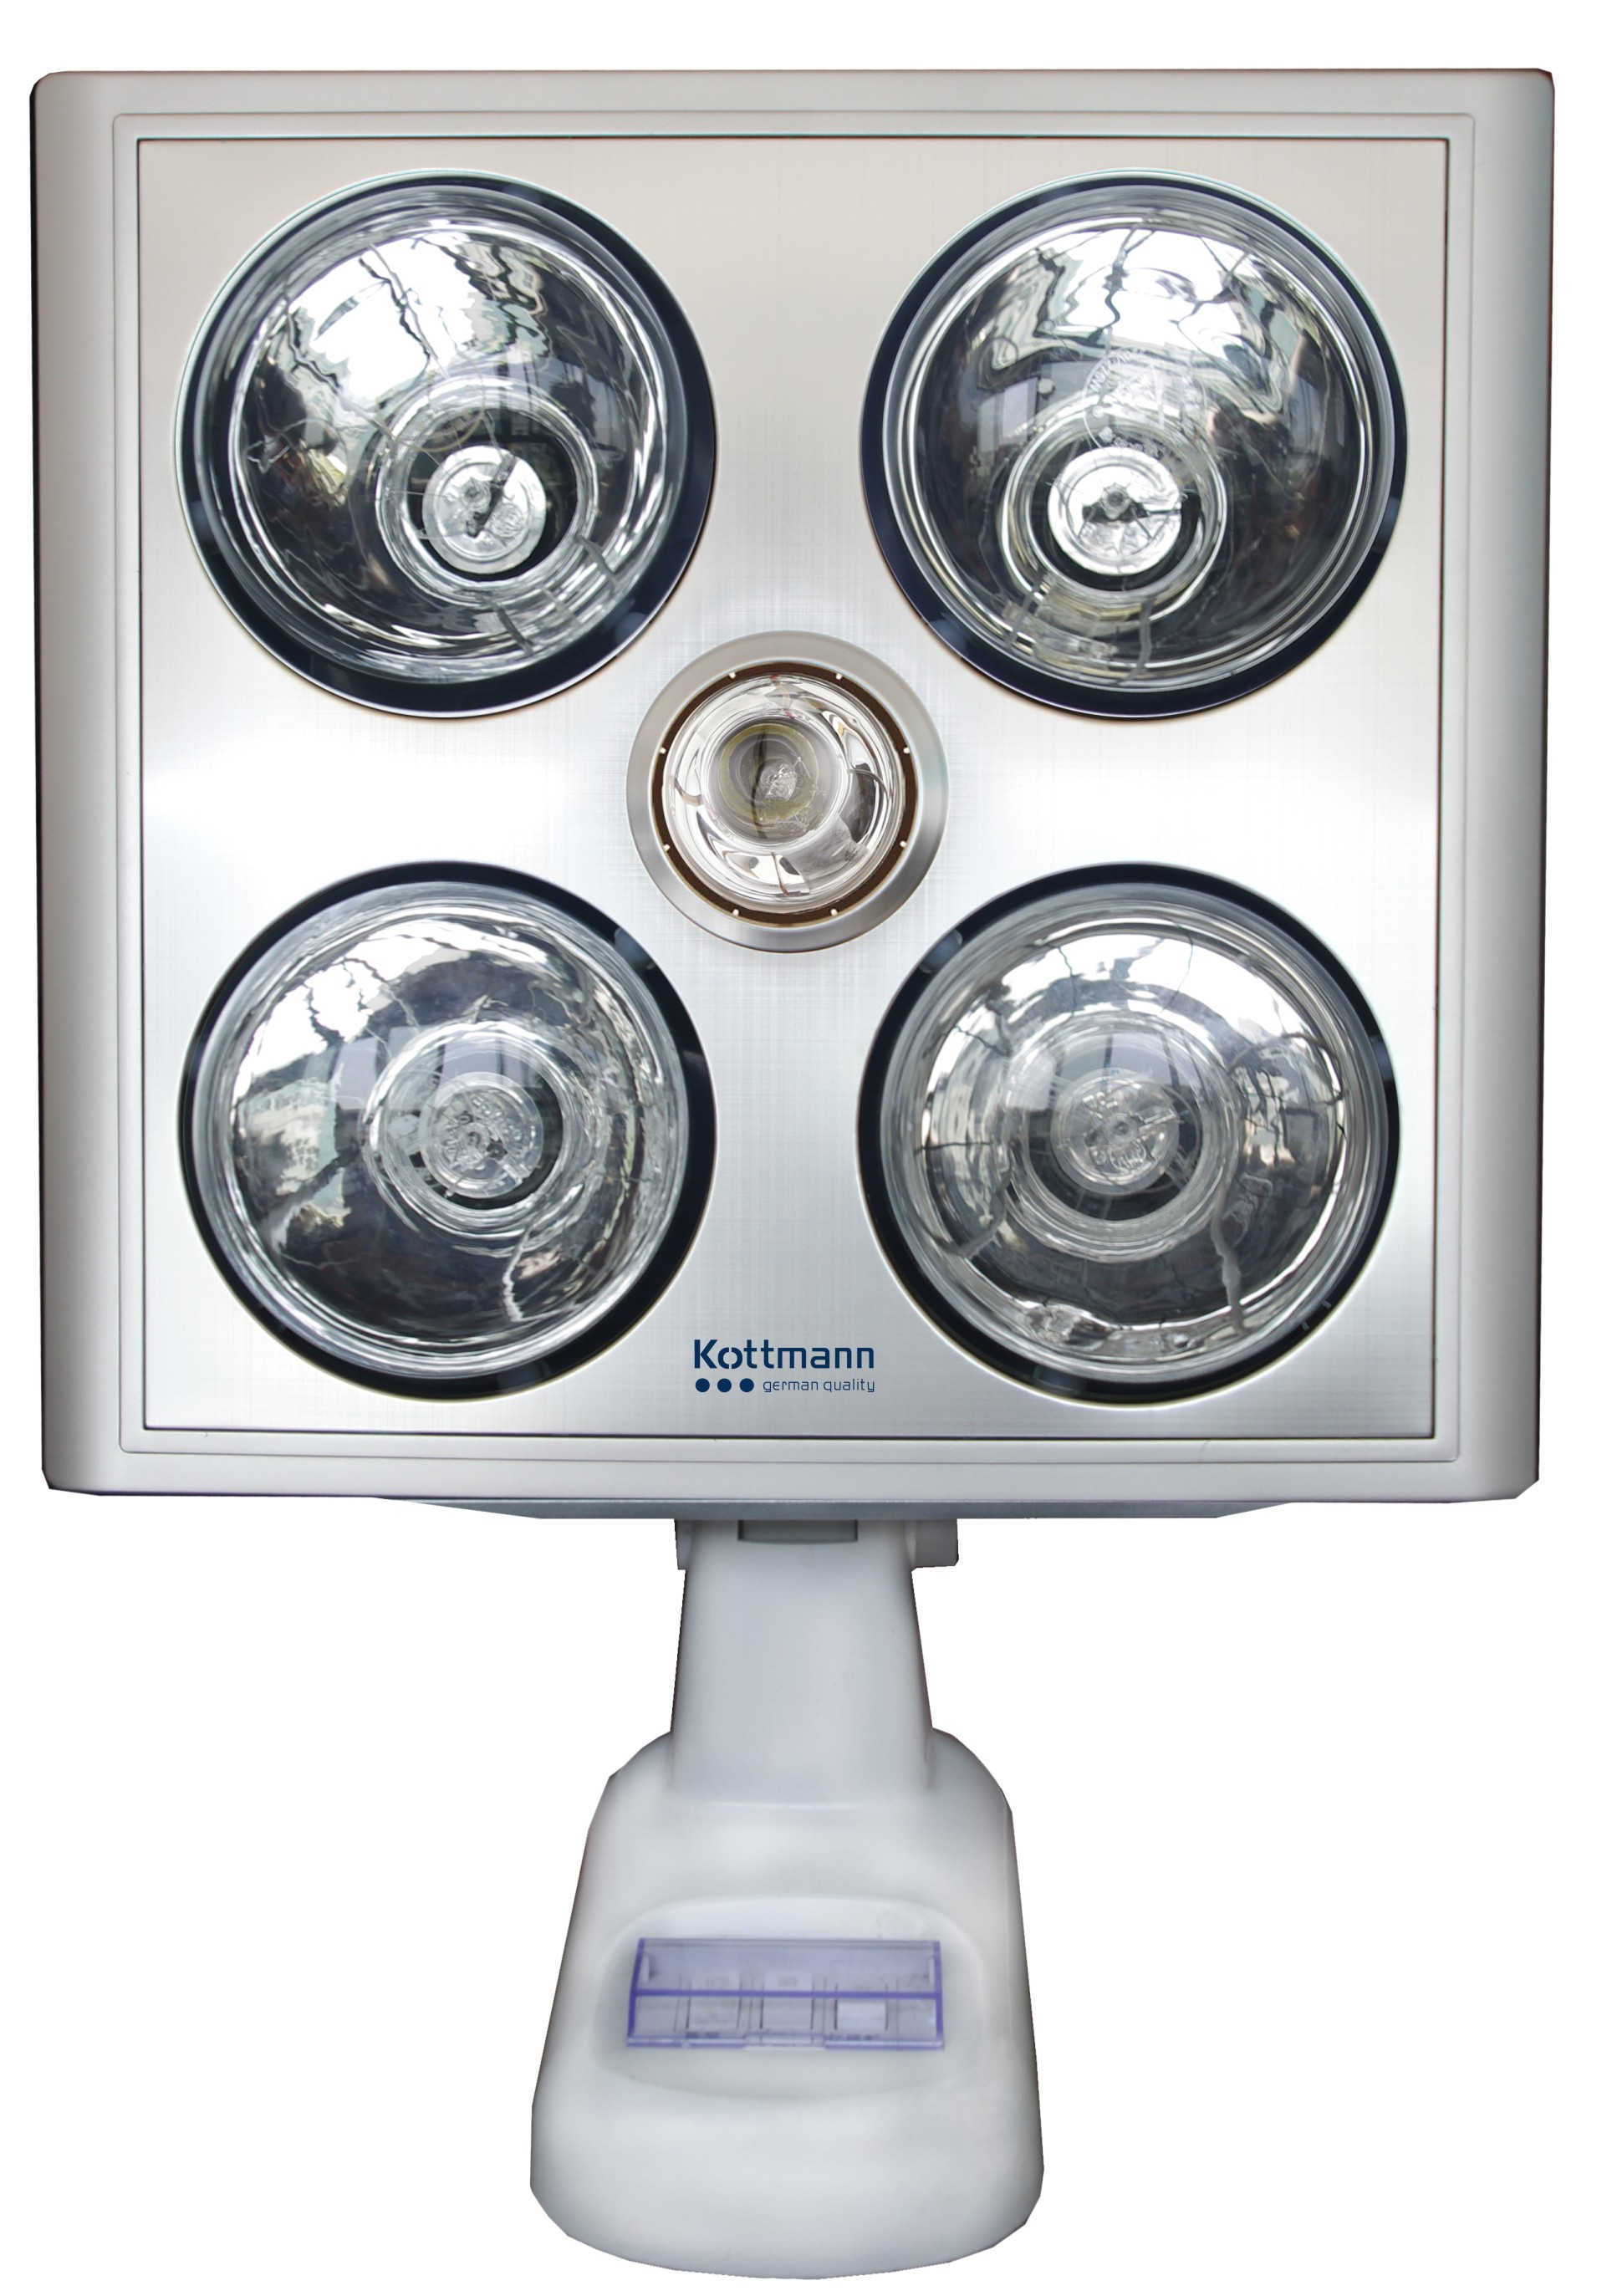 Đèn sưởi nhà tắm kottman 4 bóng treo tường - dòng bạc (K4B-S)